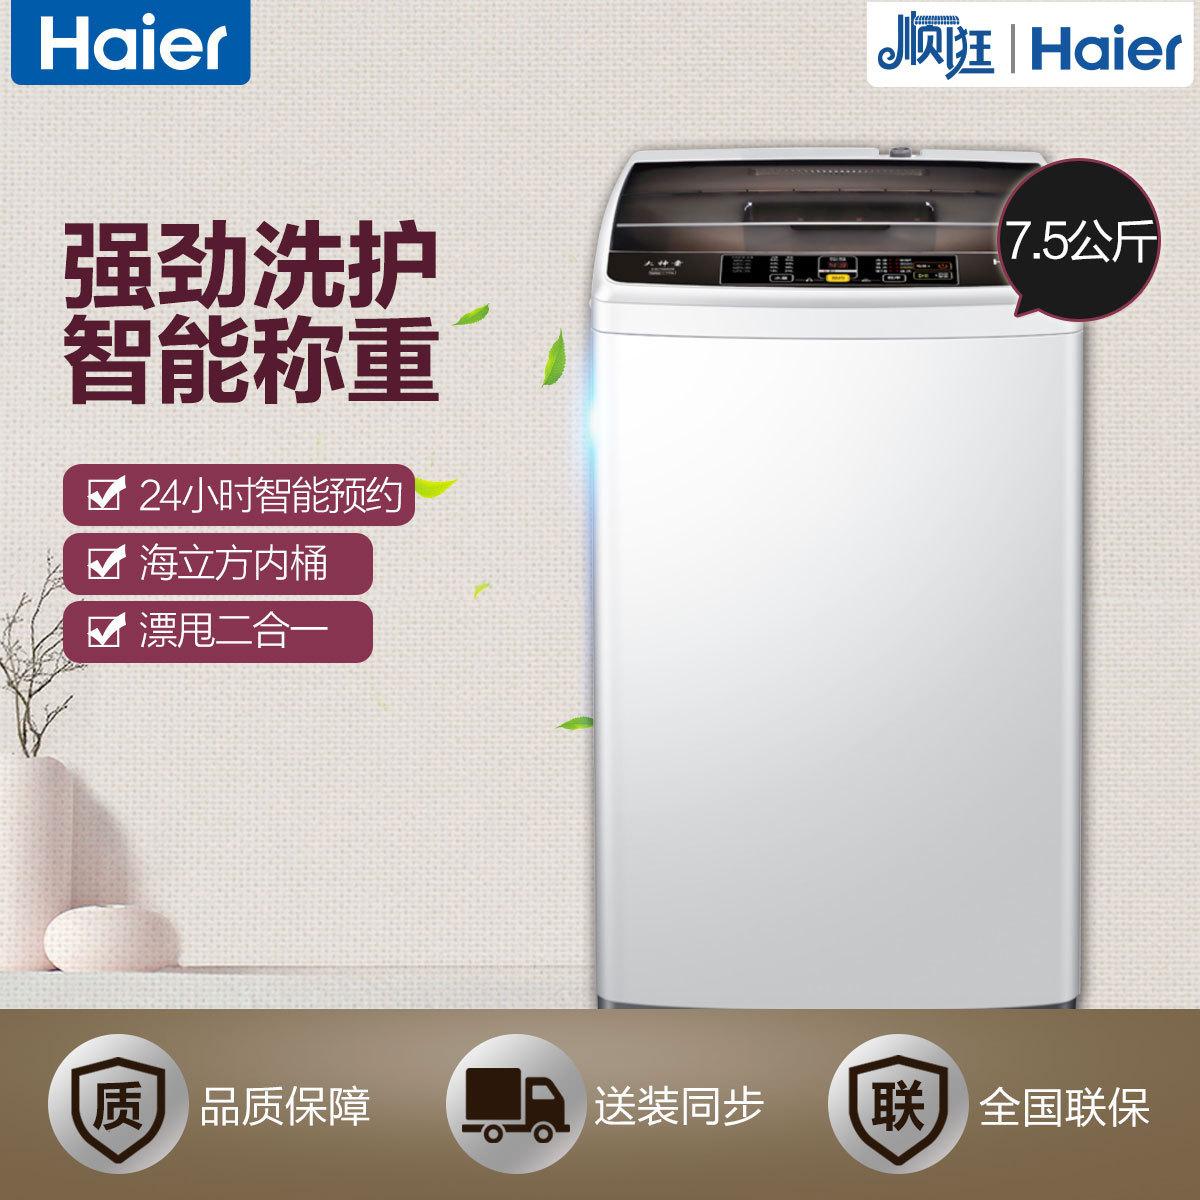 海尔洗衣机怎么样 海尔洗衣机性能讲解